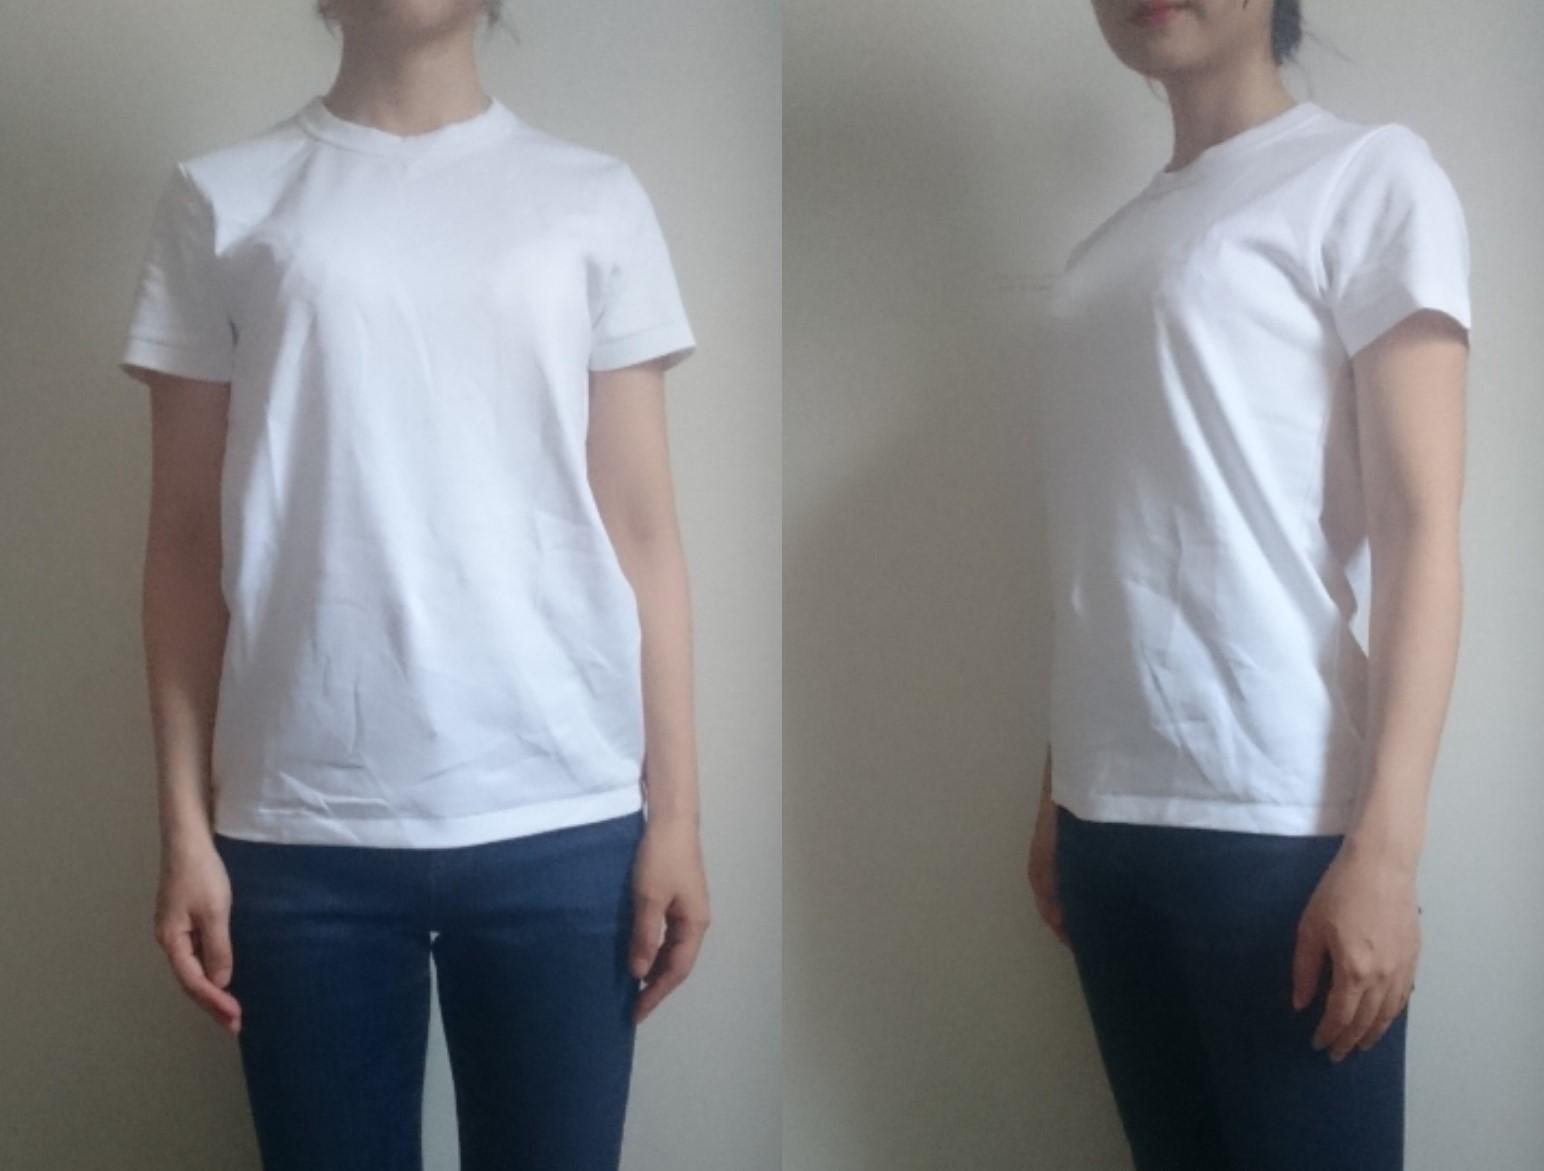 デイリー使いならコスパ抜群のユニクロTシャツがお勧め!_1